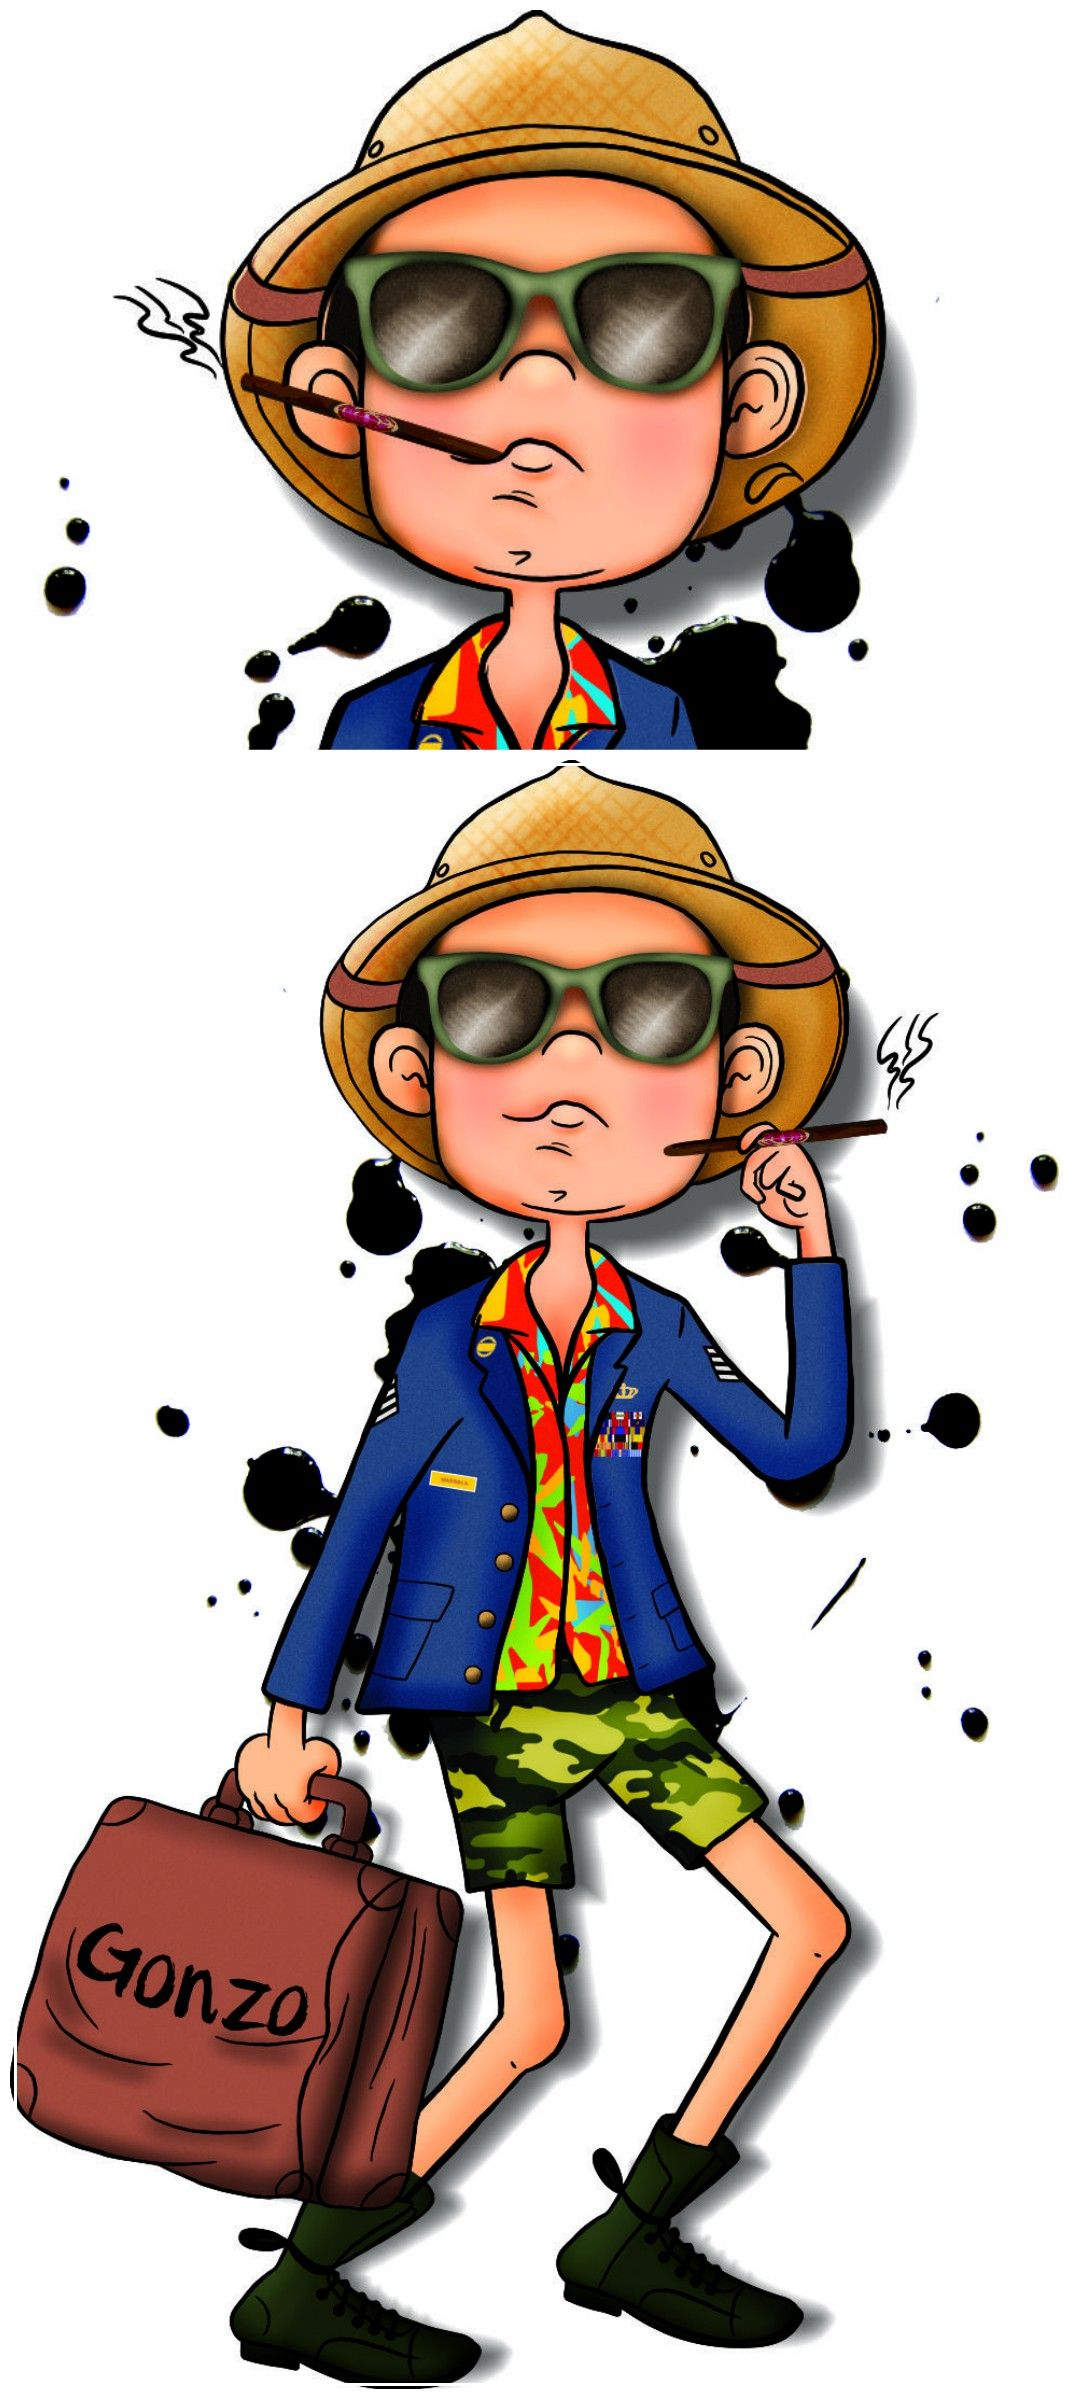 Ilustração Personalizada Querido Pix   Gonzo #draw #desenho